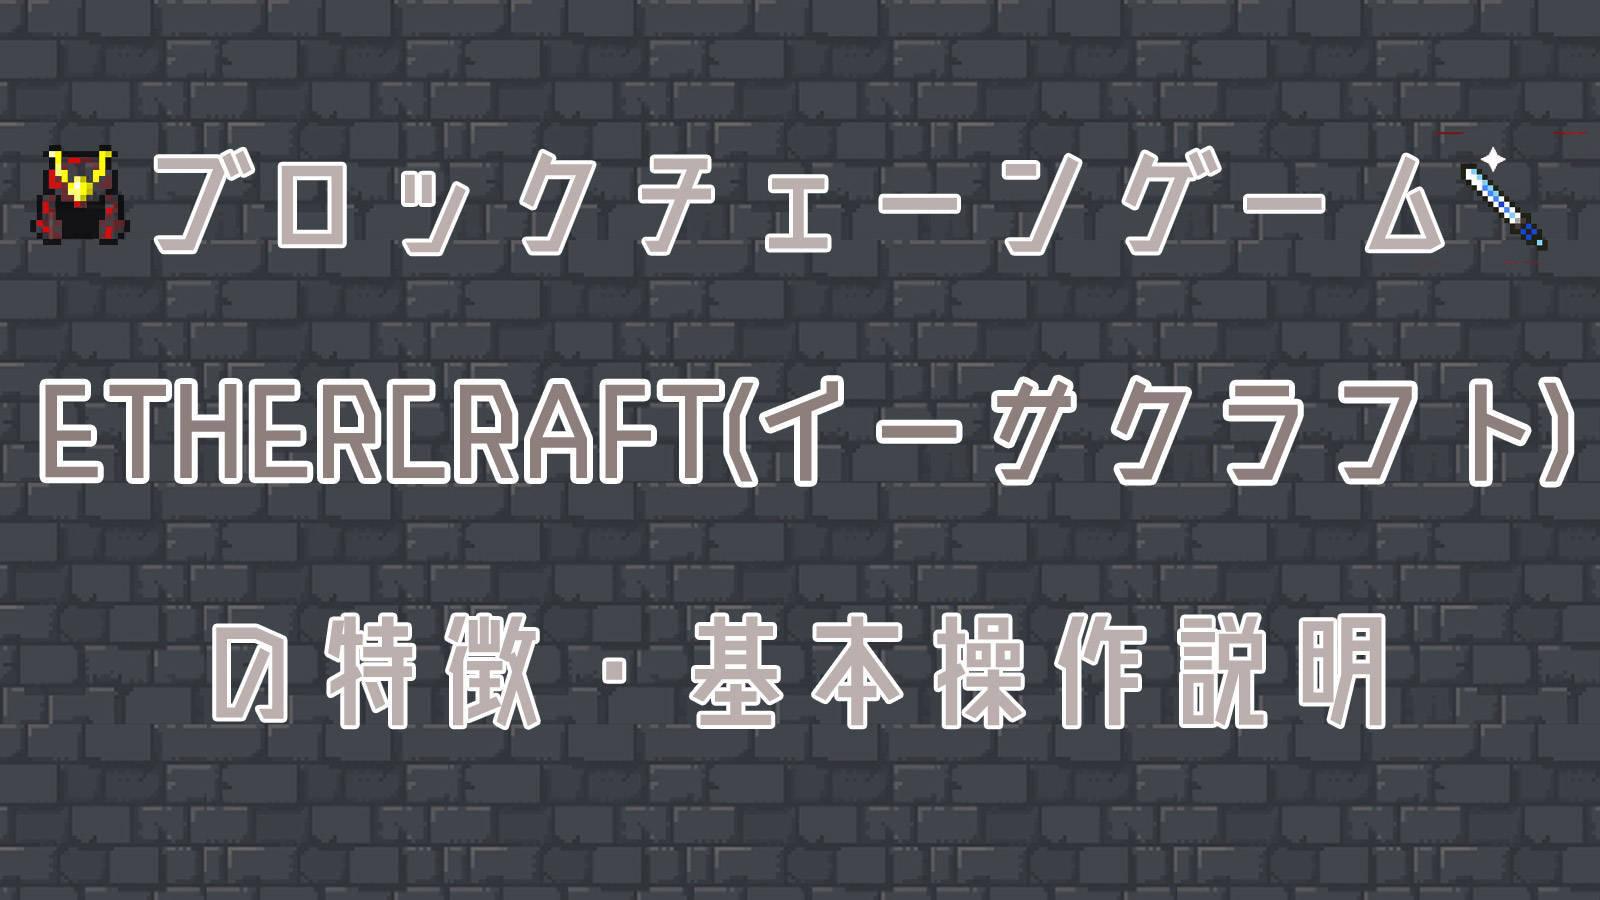 ブロックチェーンゲーム|ETHERCRAFT(イーサクラフト)の特徴・基本操作説明